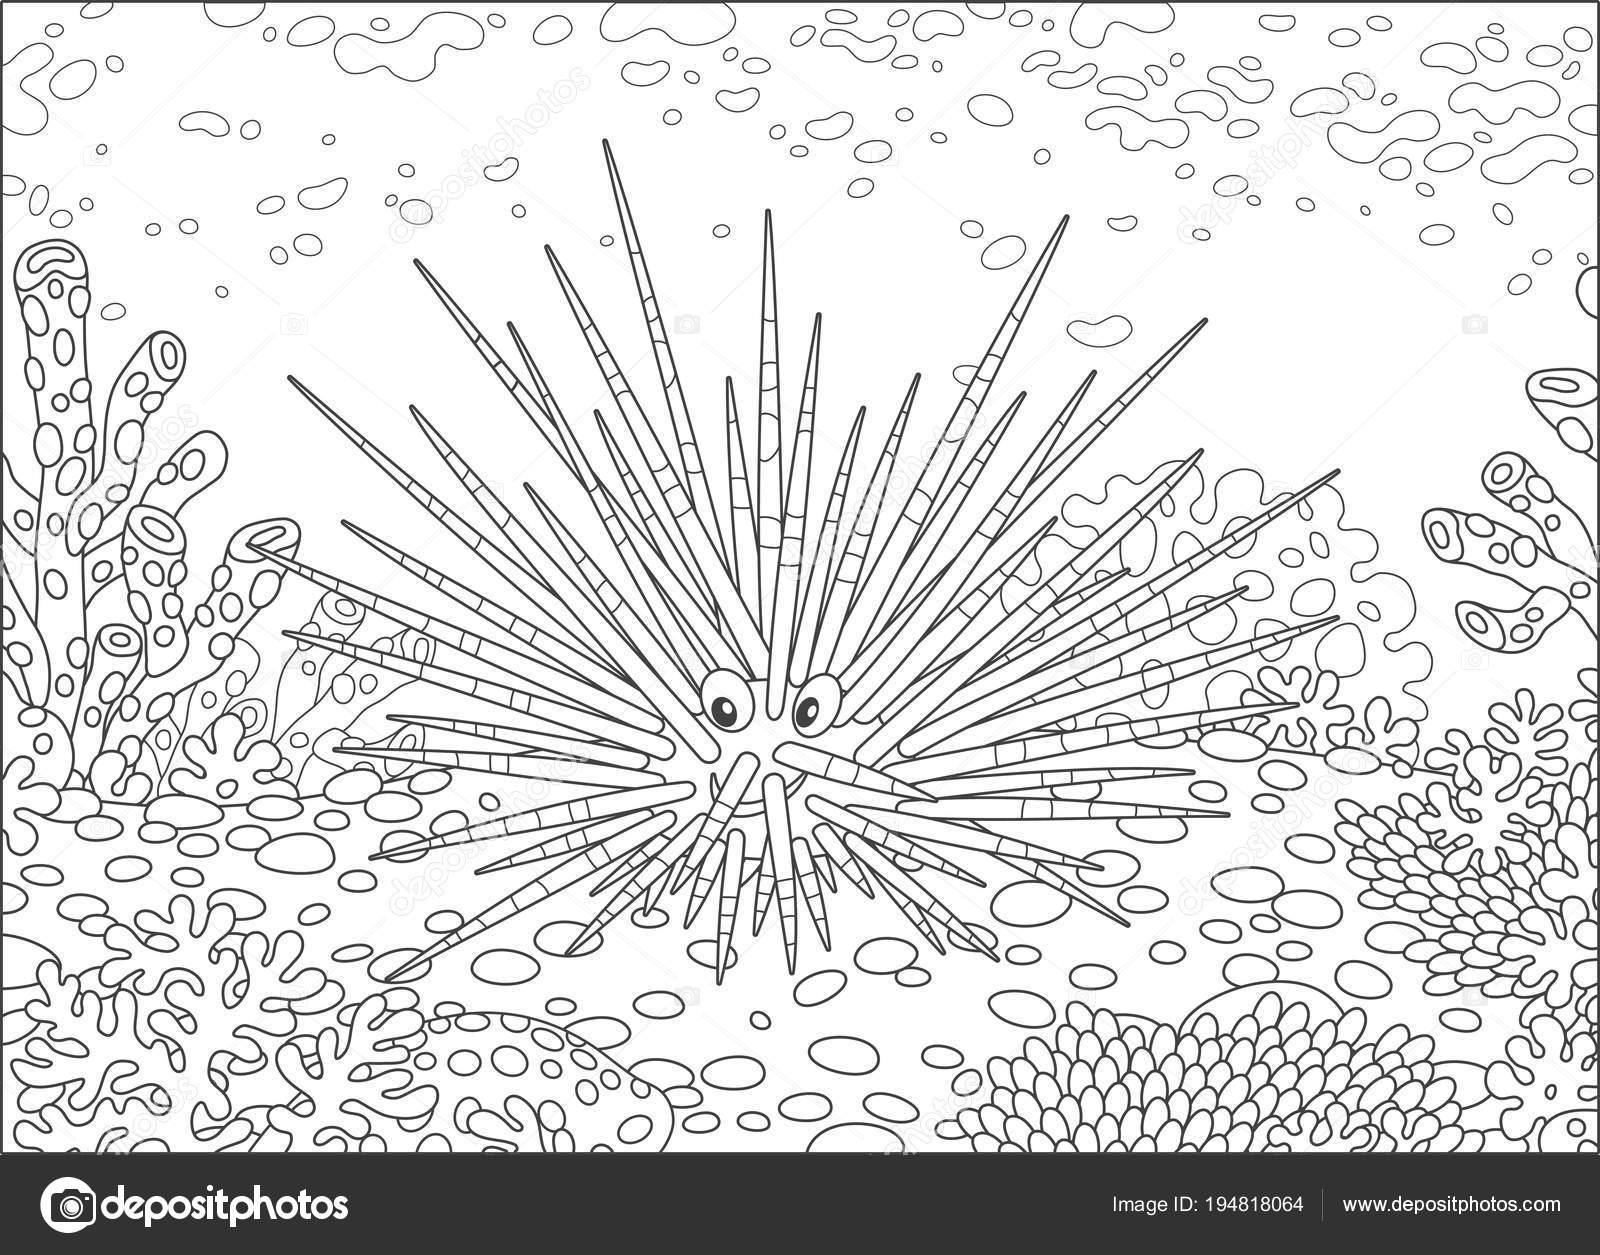 Dibujos De Erizos De Tierra: Erizo De Mar Dibujo Para Colorear